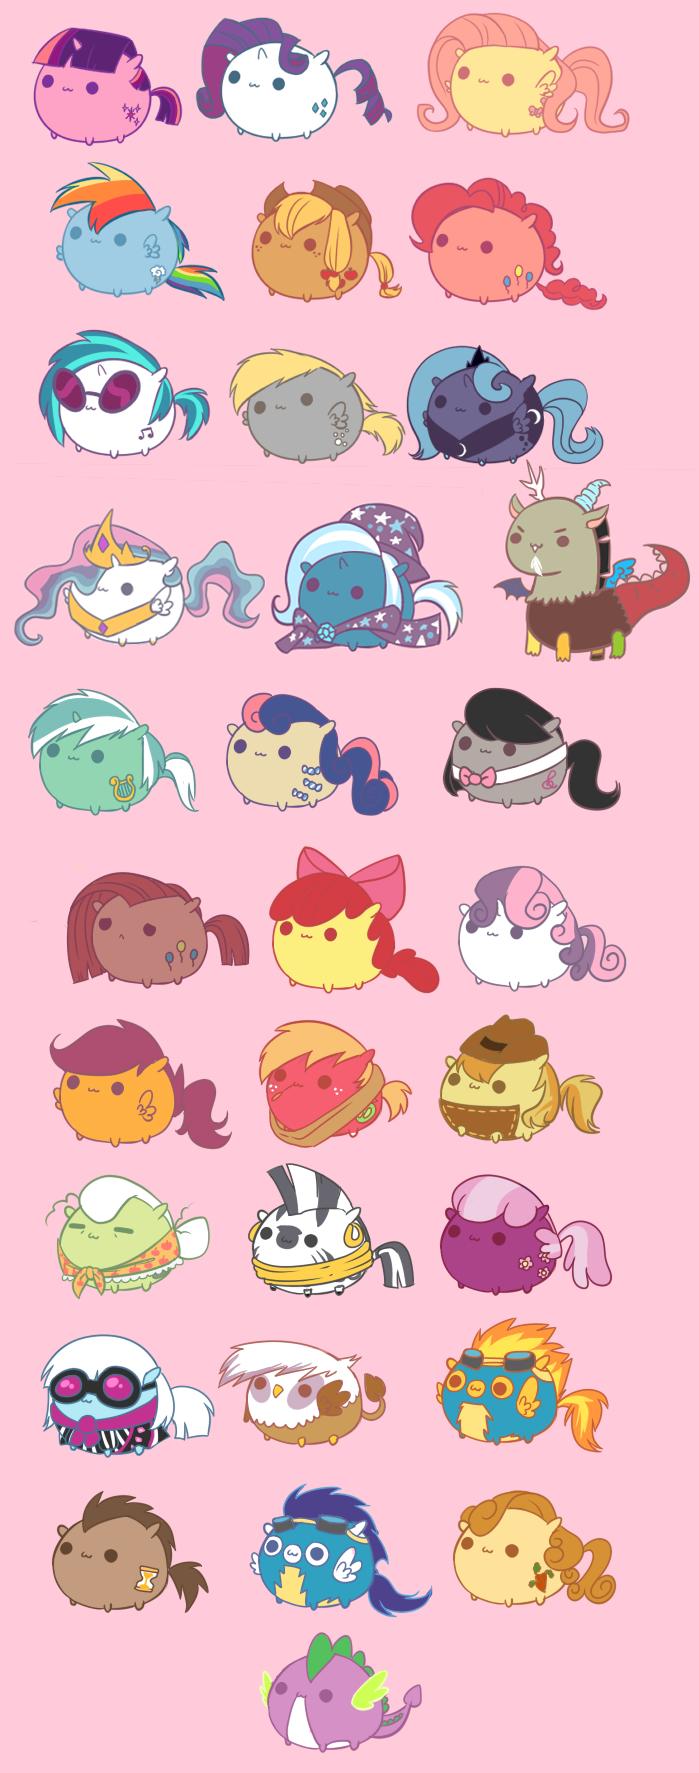 My little pony zerochan anime image board - My little pony en humain ...